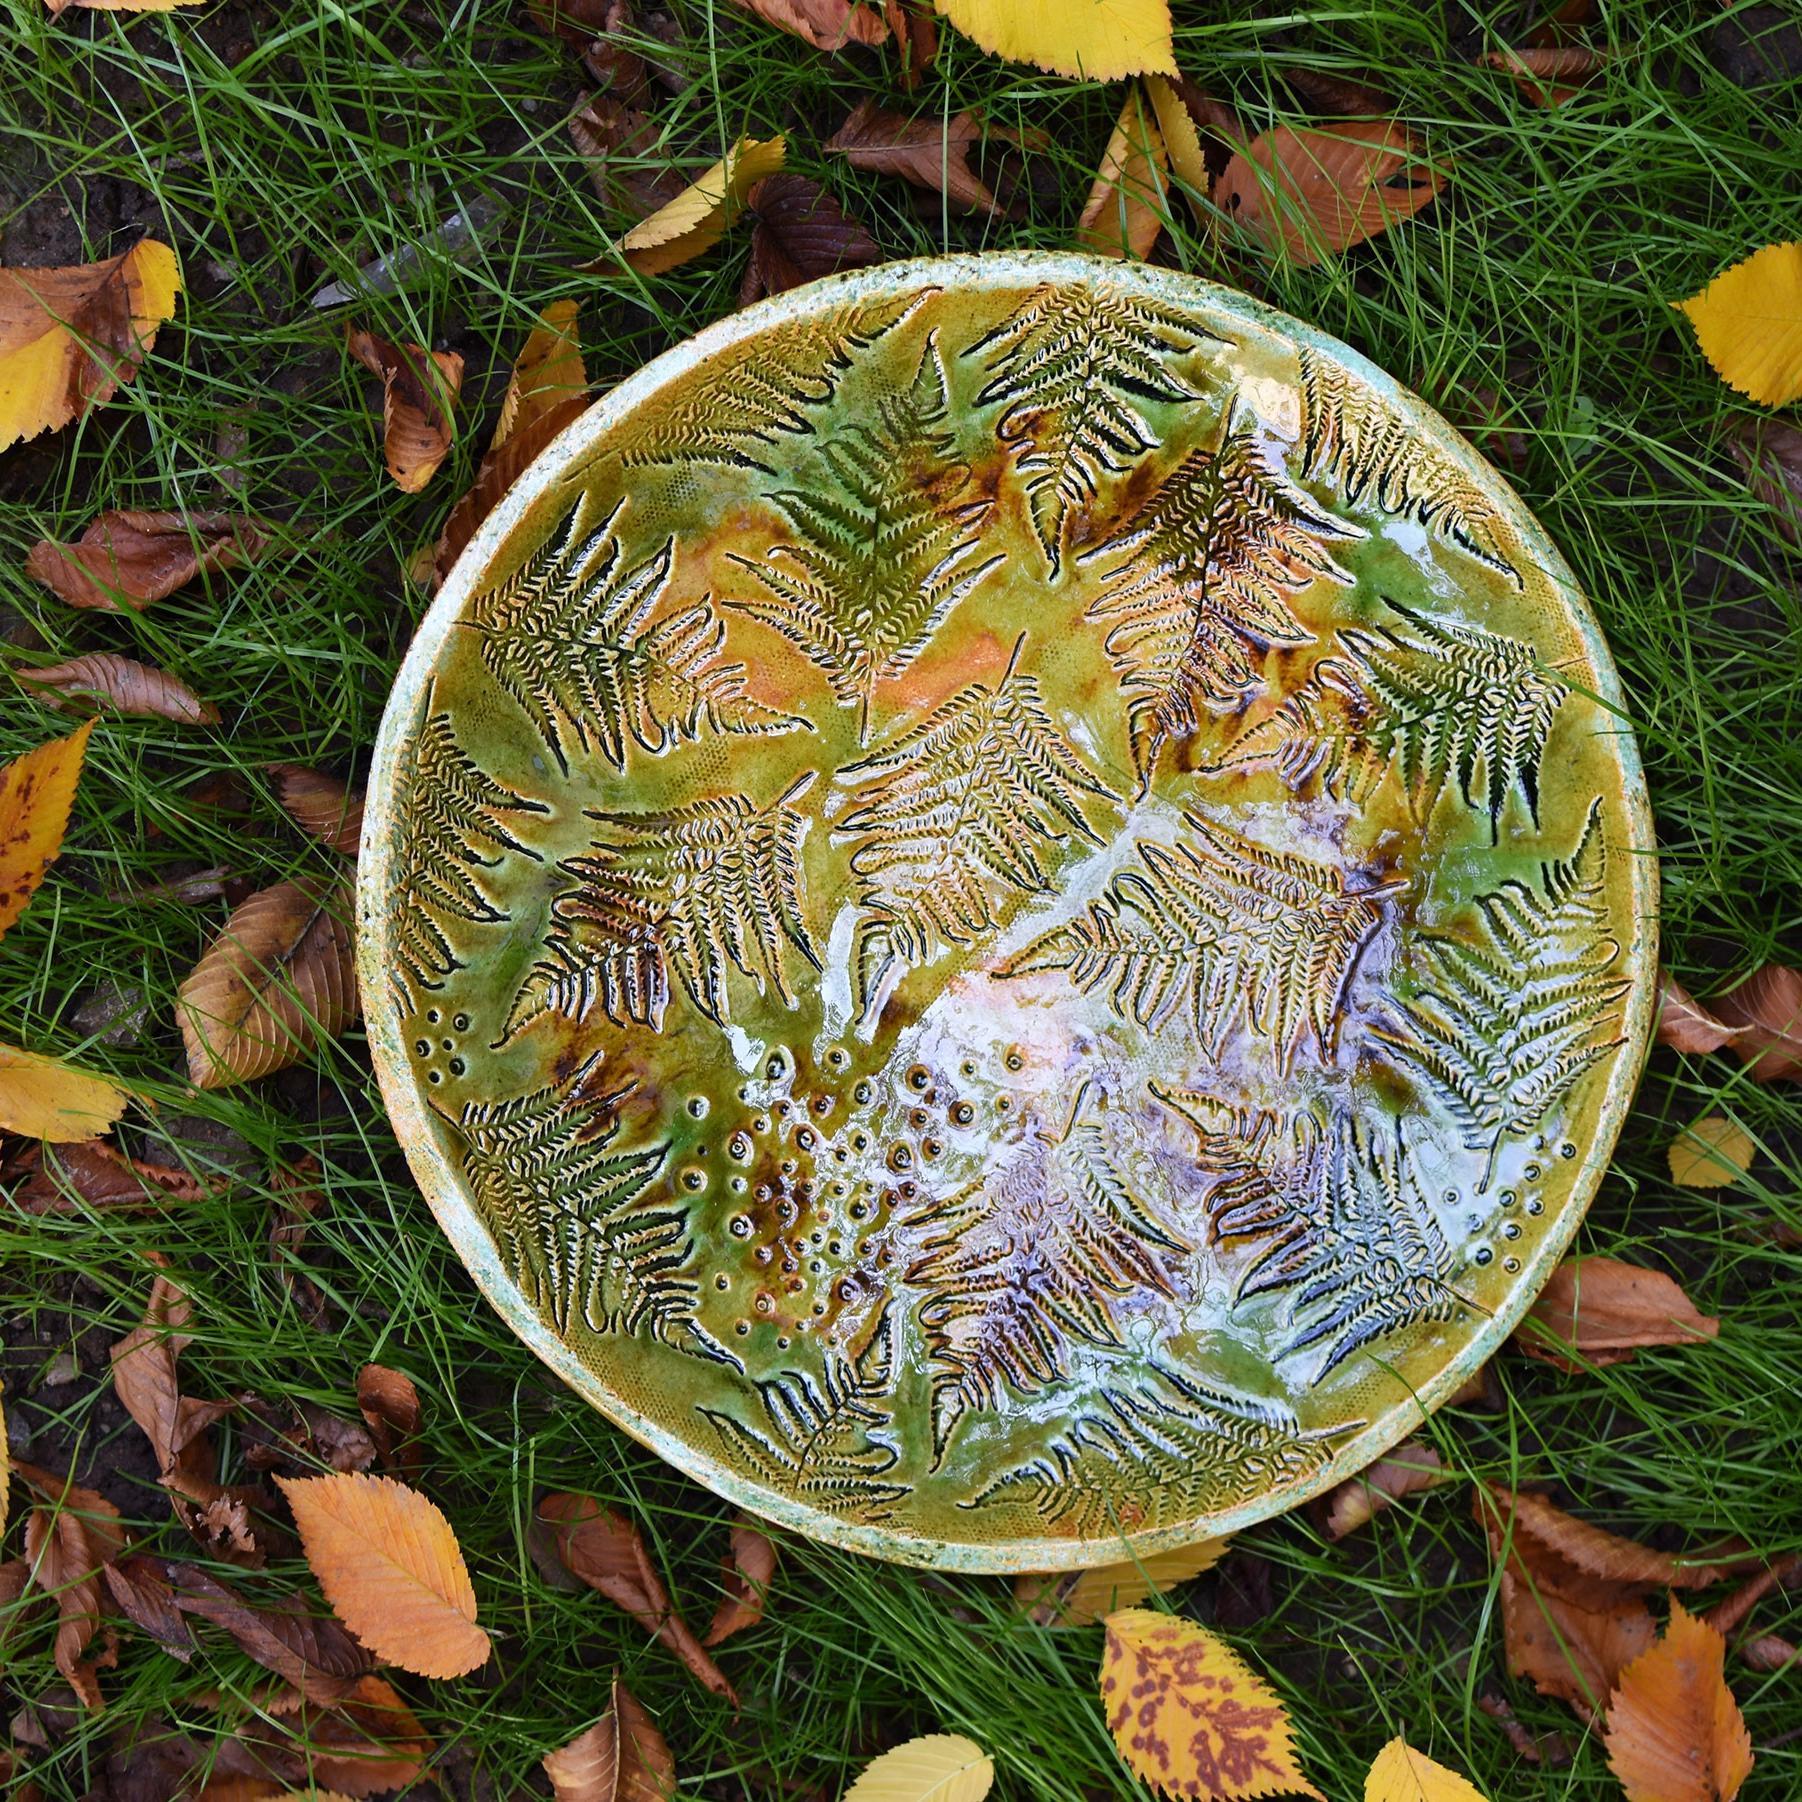 картинка Большое блюдо с папоротниками - DishWishes.Ru